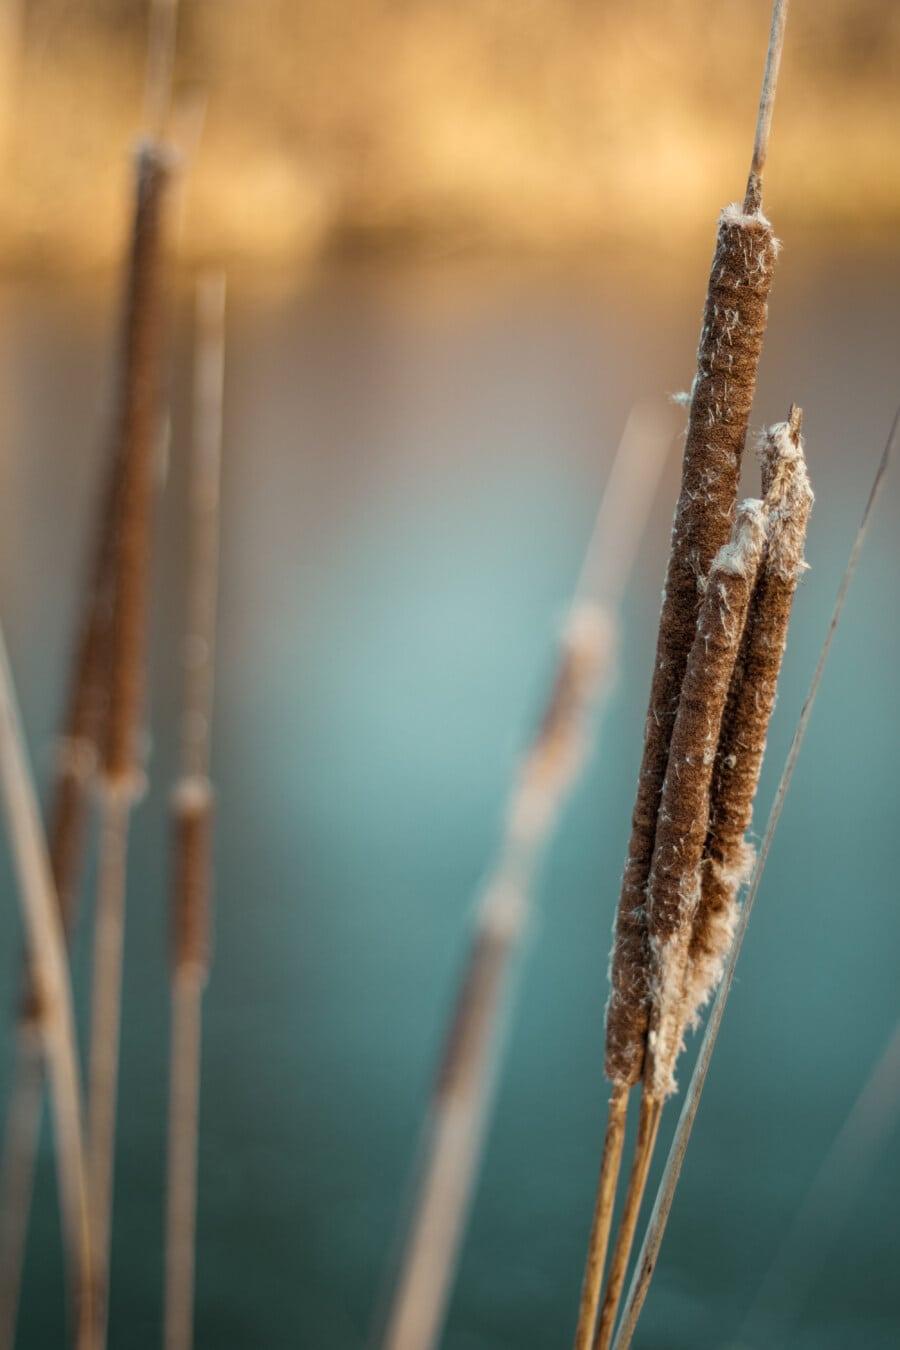 saison sèche, l'été, plante aquatique, brun, marais, fermer, marais, plante, domaine, culture